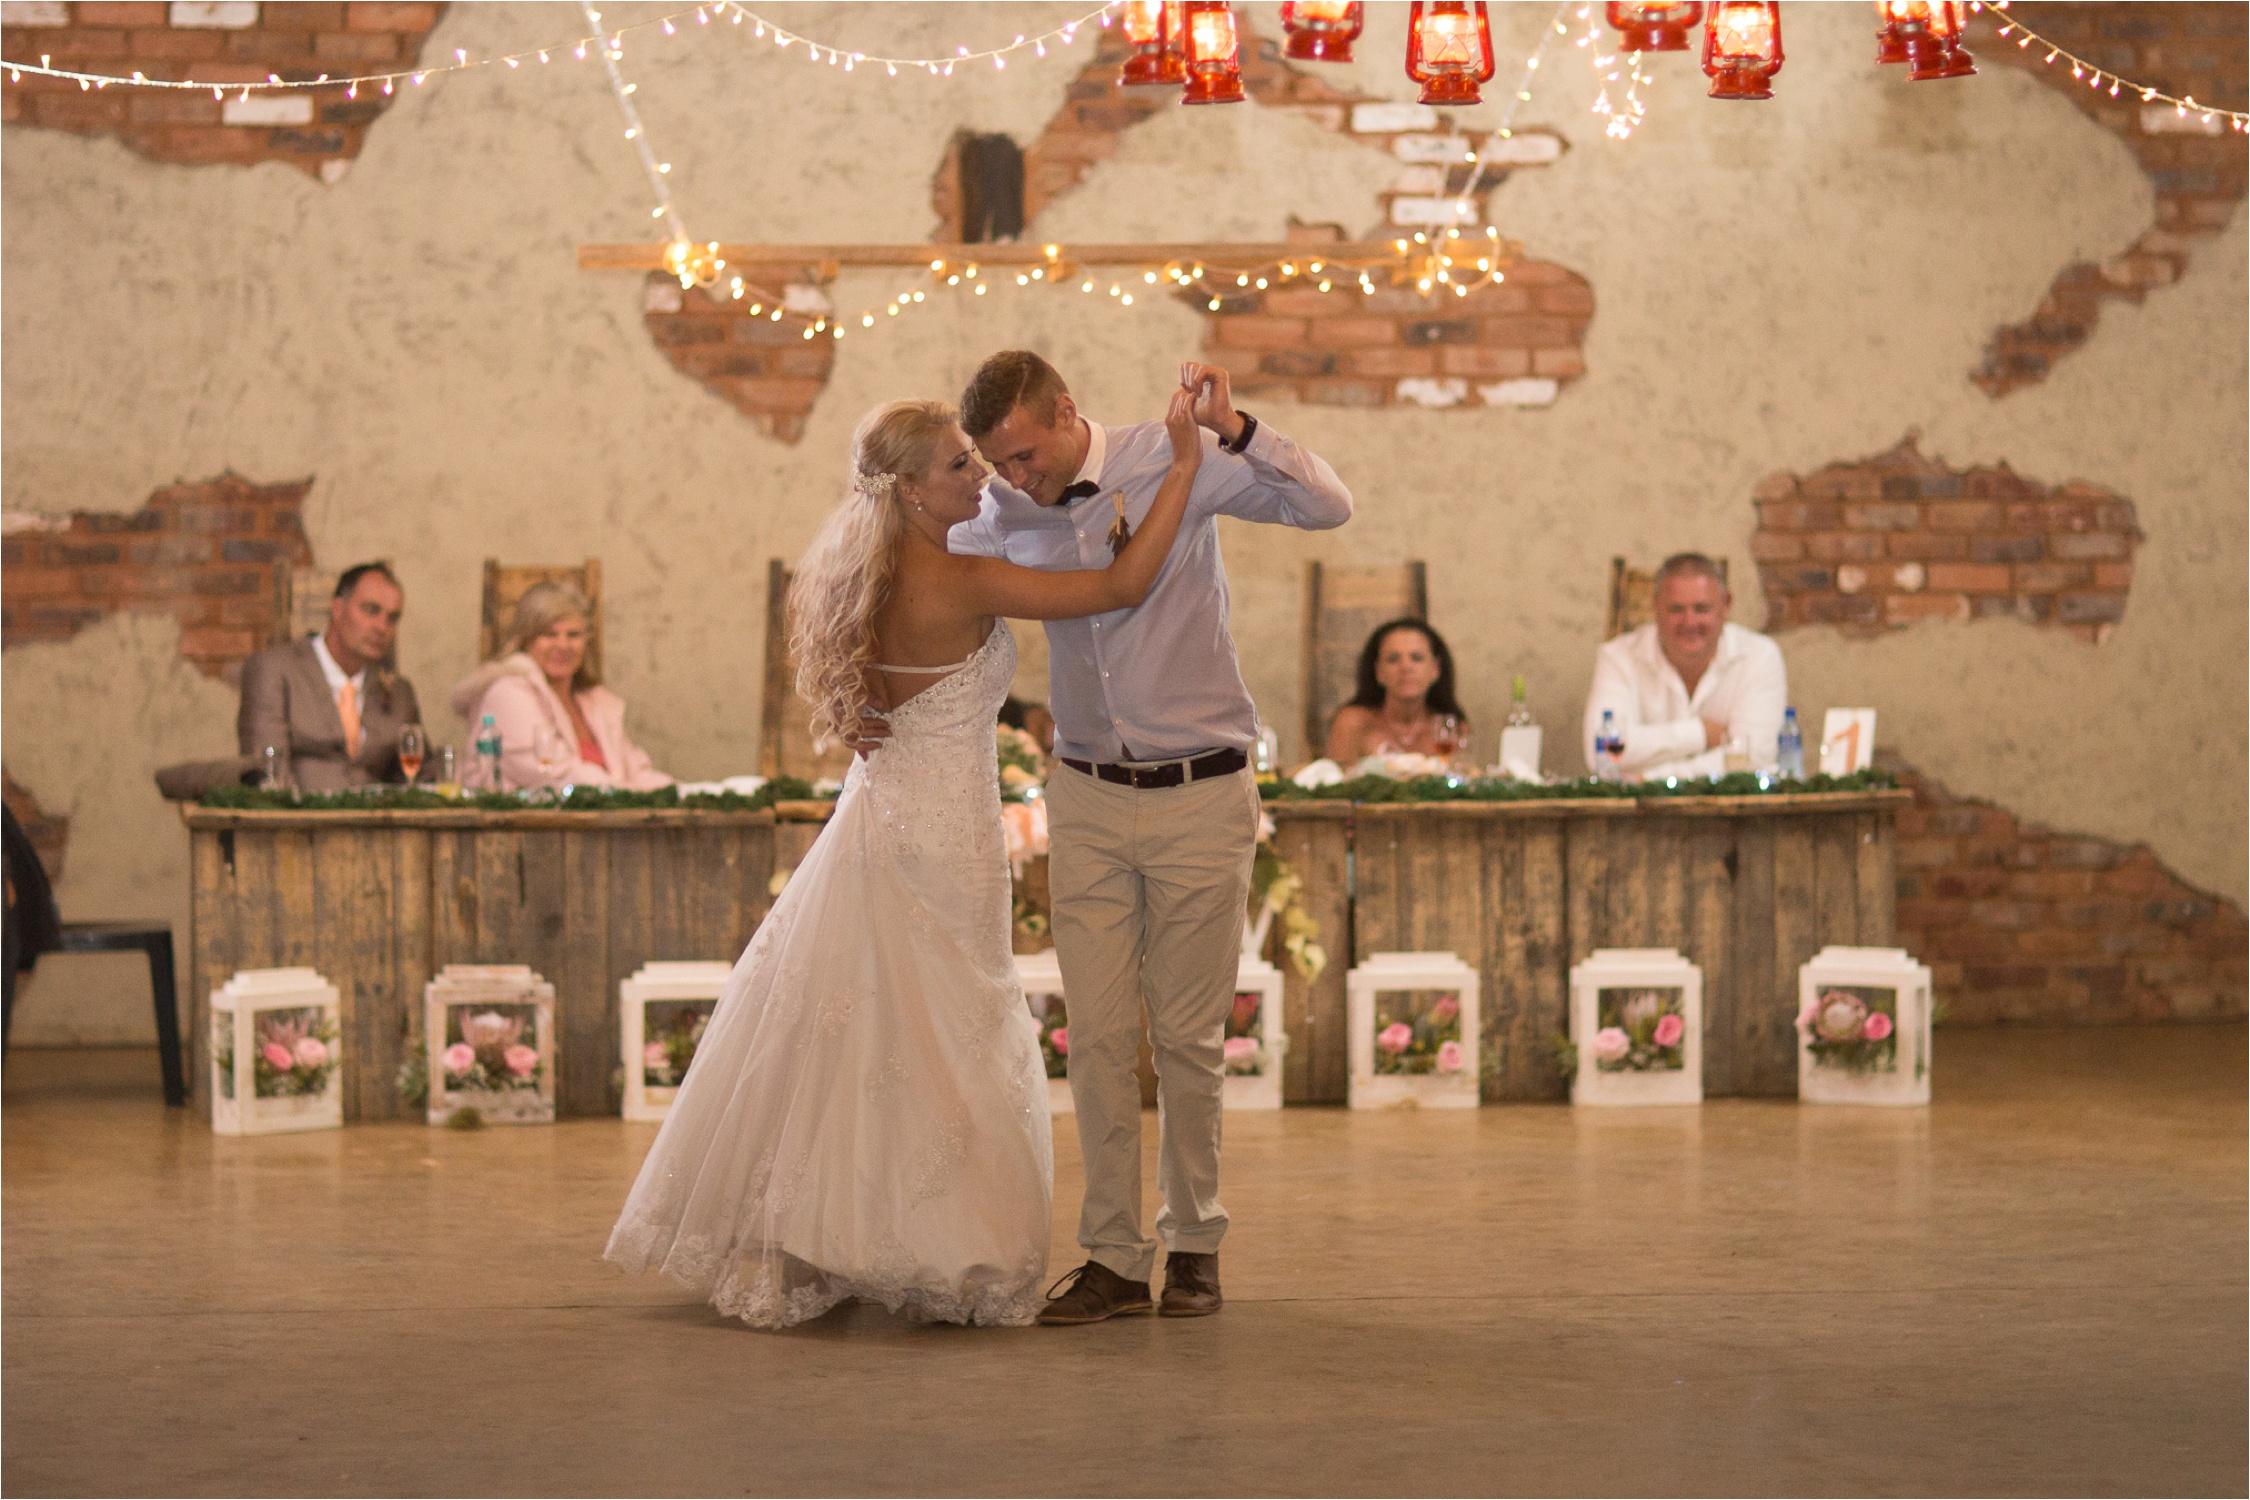 Die_Waenhuiskraal_wedding_Alicia_Dwayne_82